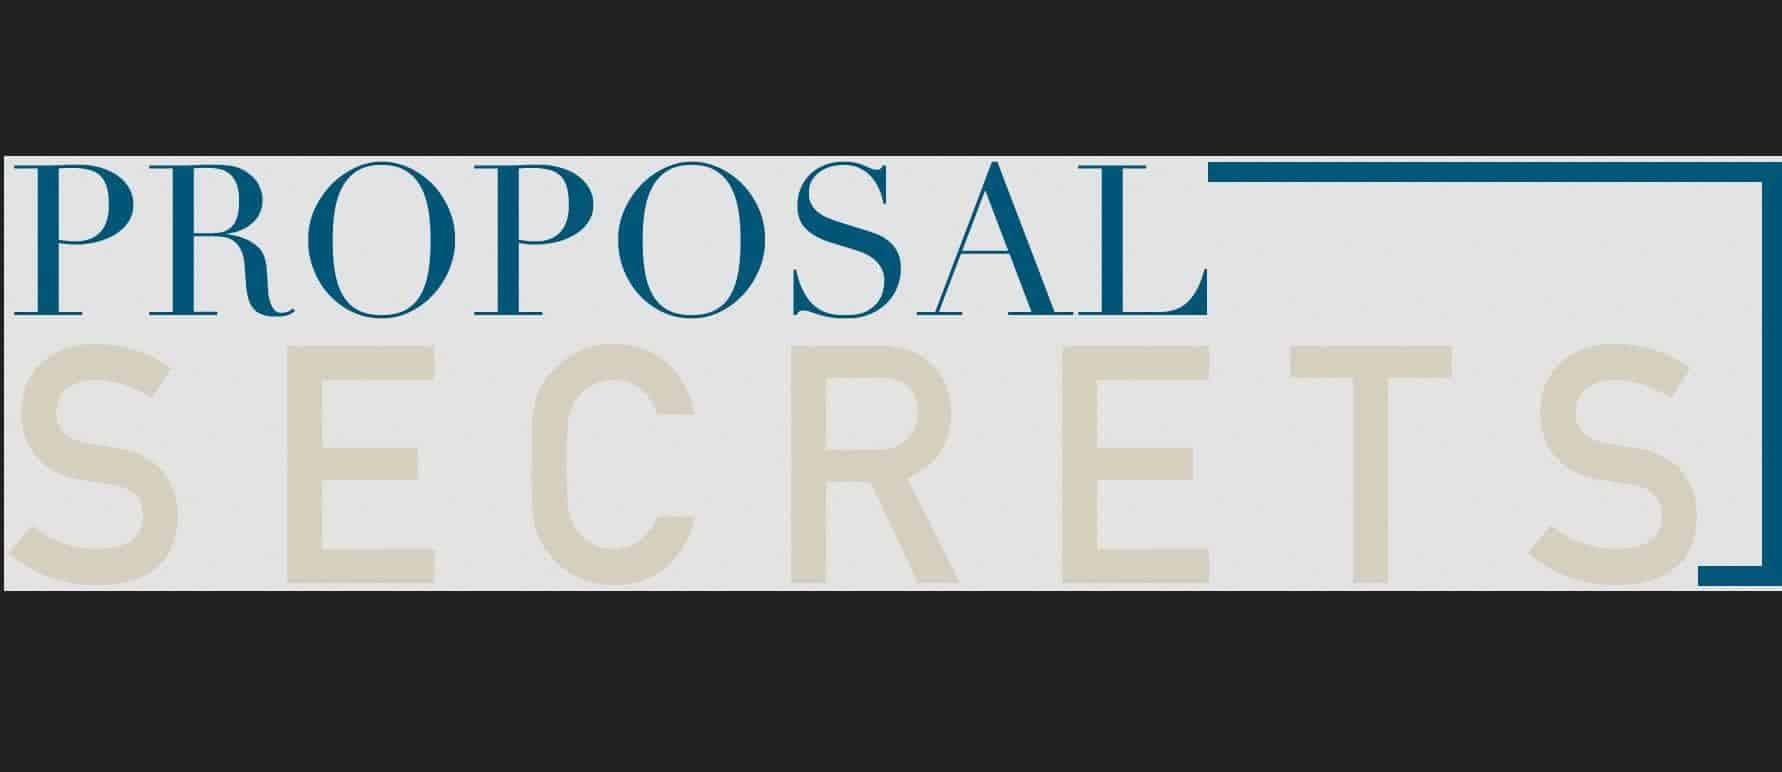 Proposal Secrets by Julie Stoian